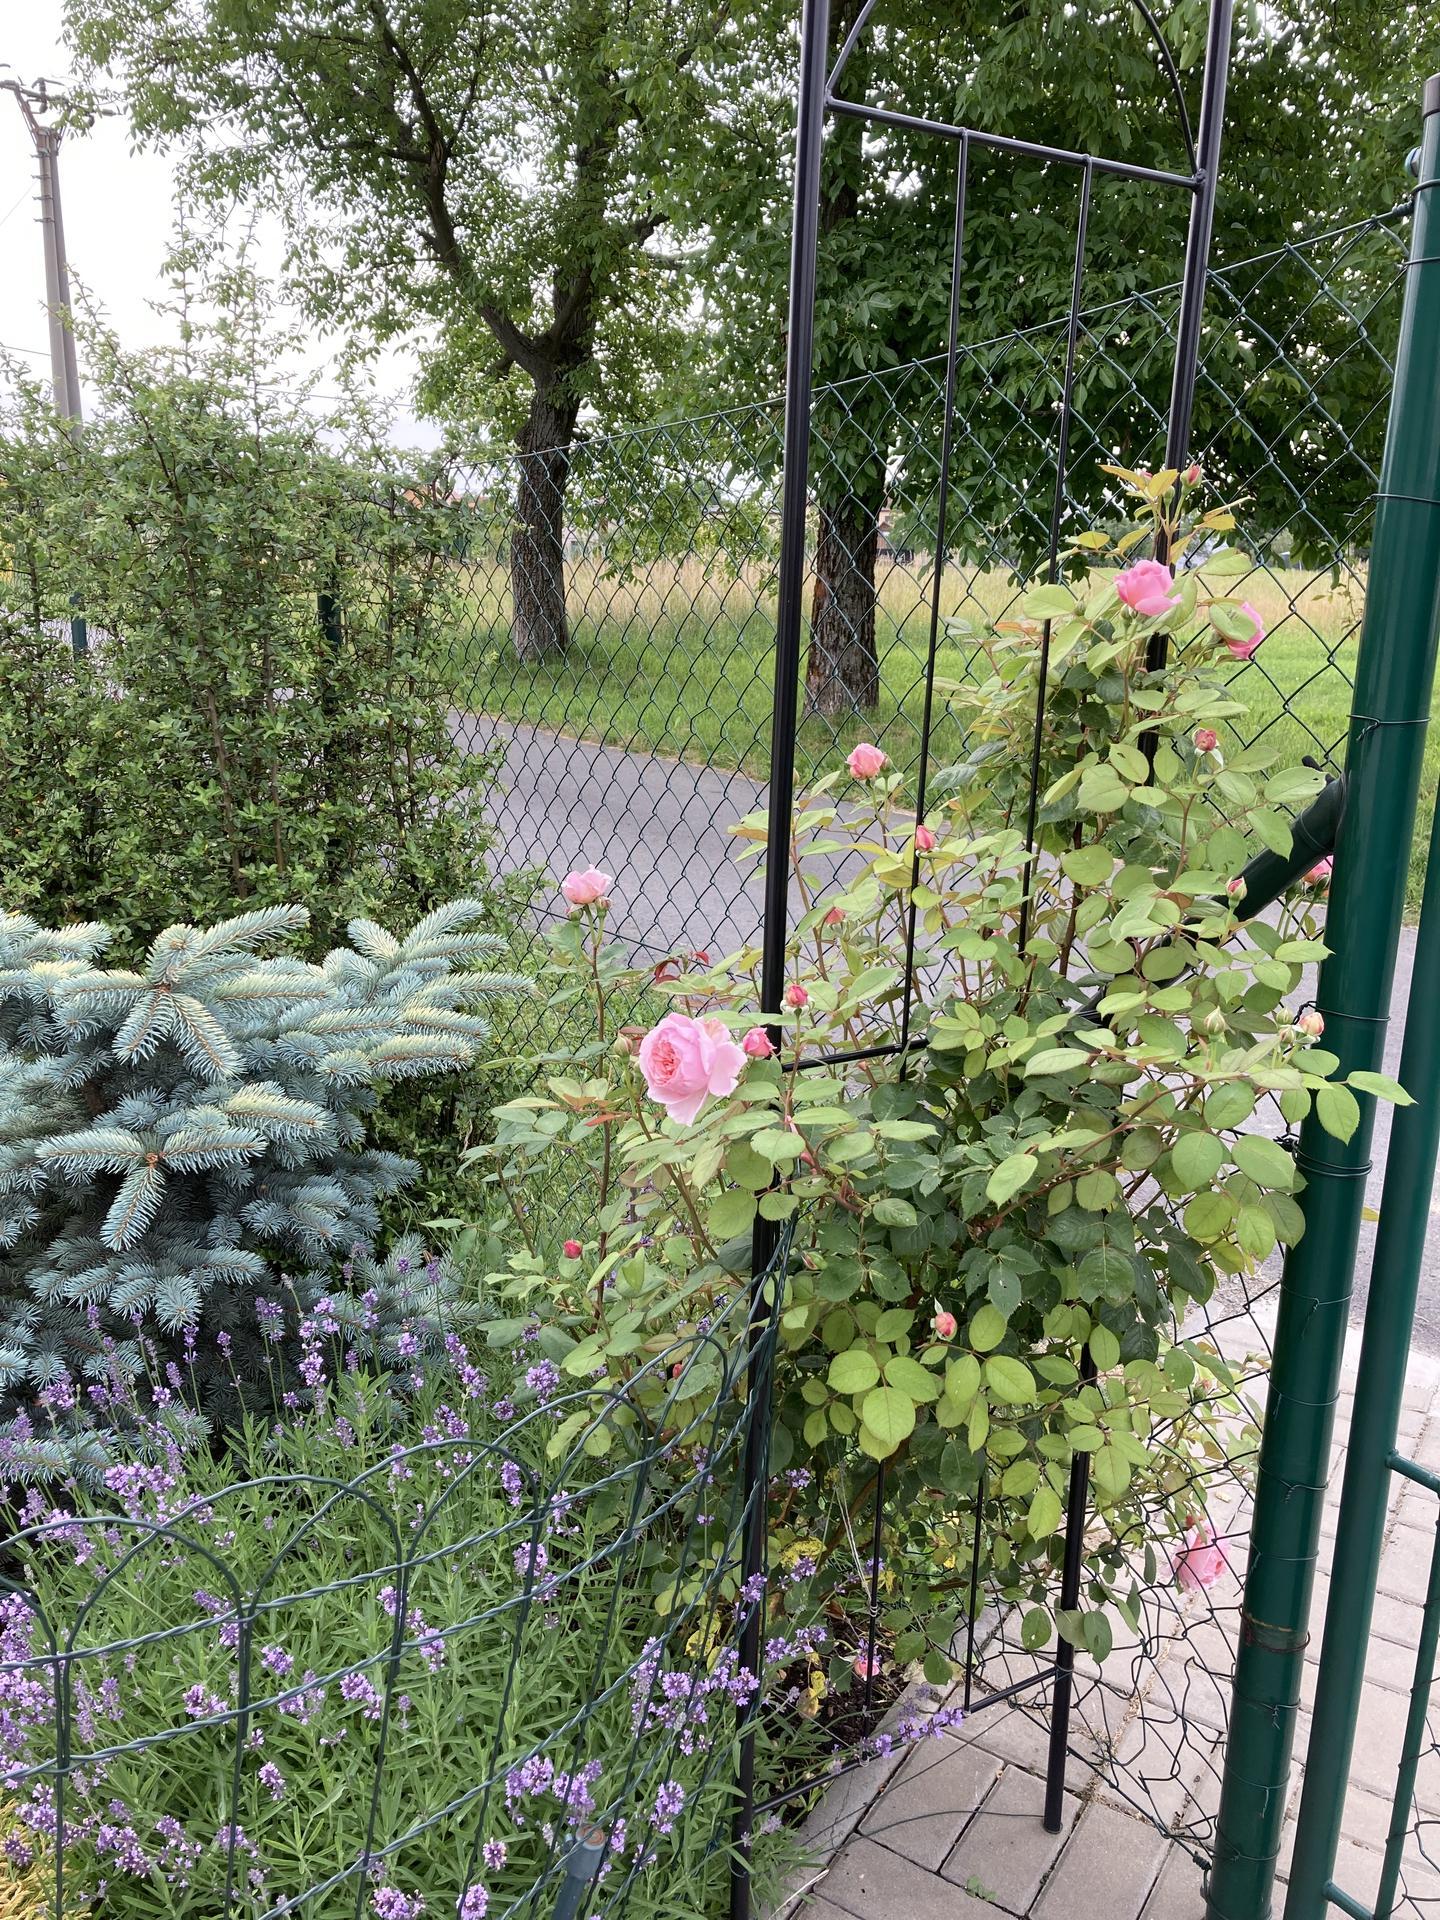 Šestý rok zahradničím - nemůžu se dočkat až růže obroste celé loubí